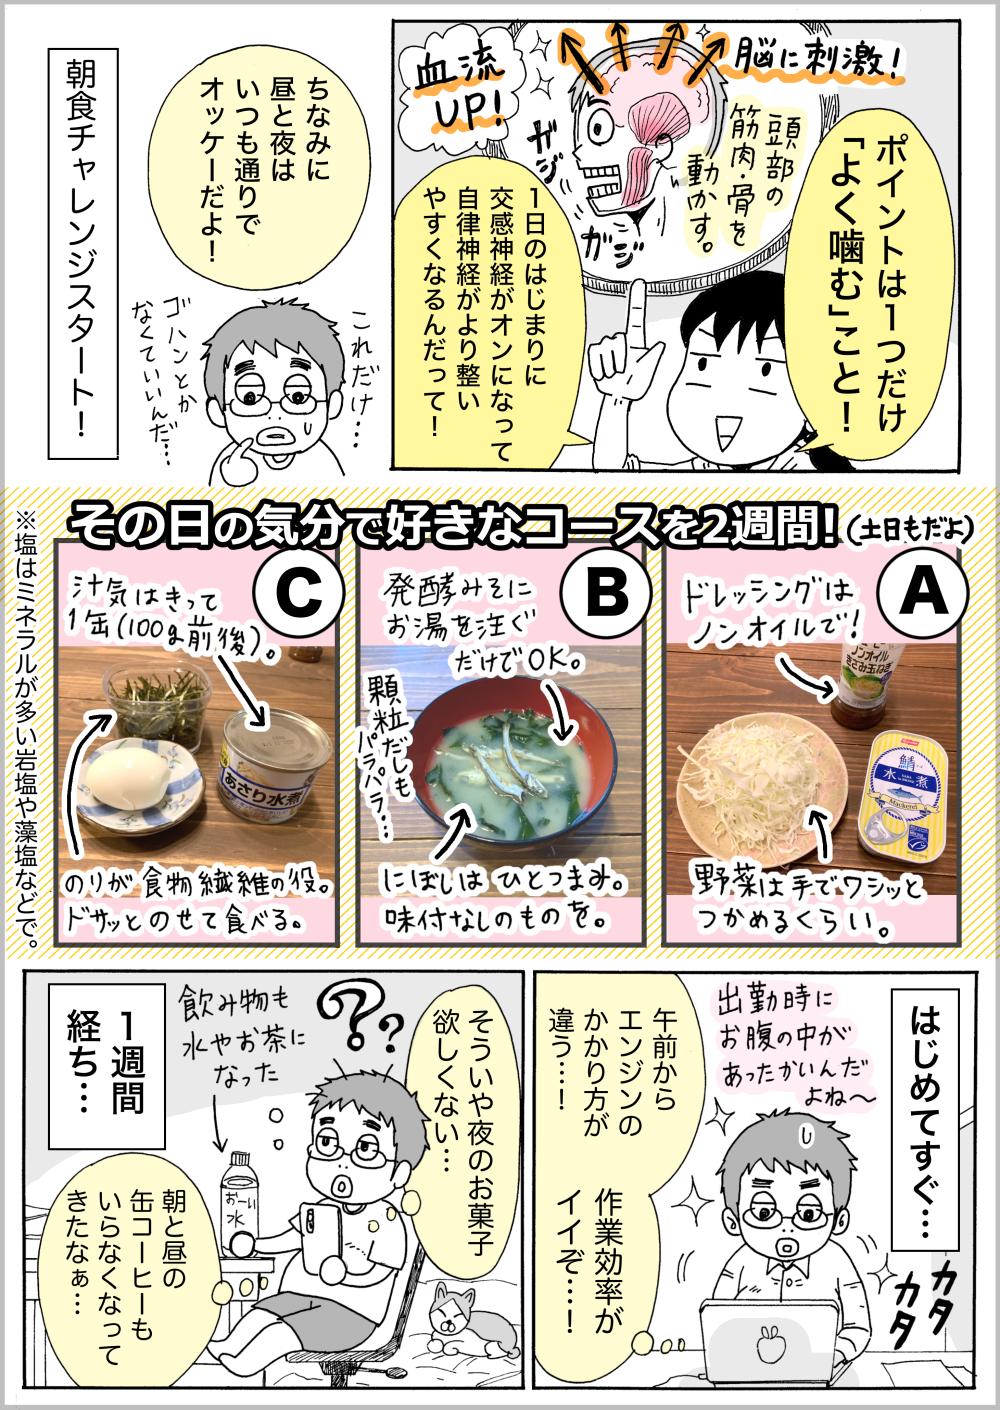 2shoshoku-3